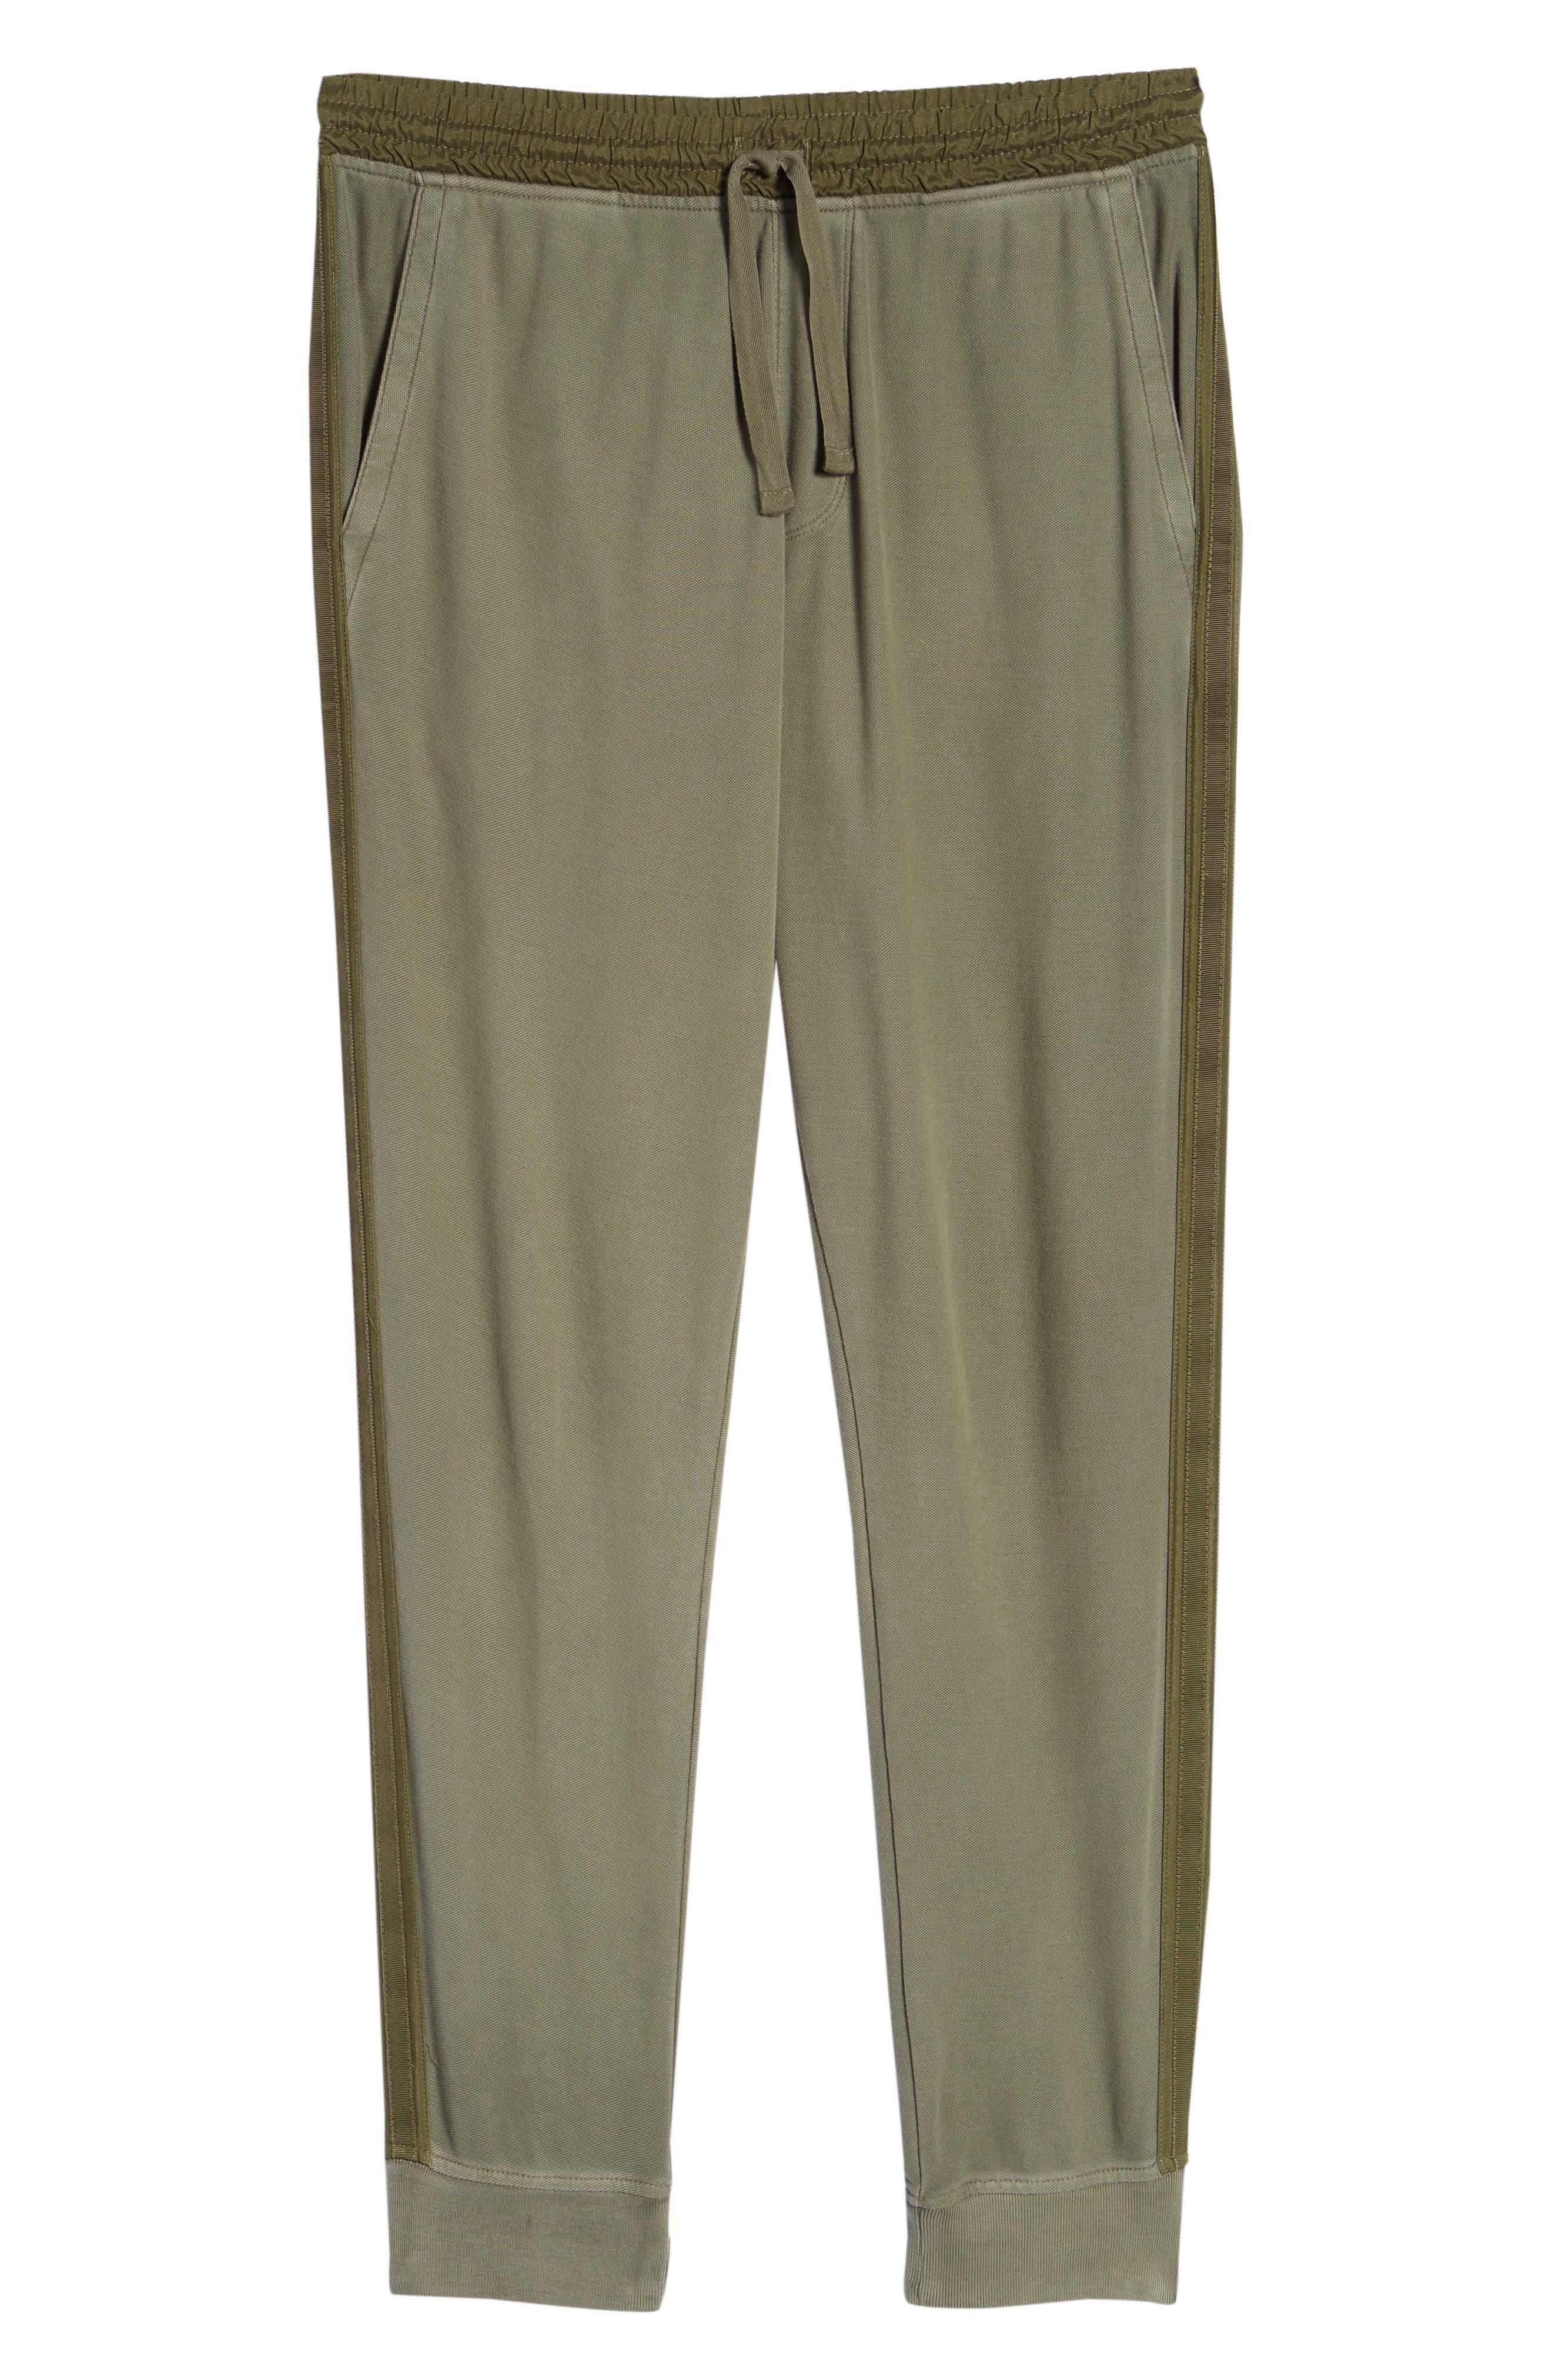 Chroma Wash Regular Fit Piqué Pants,                             Alternate thumbnail 6, color,                             331